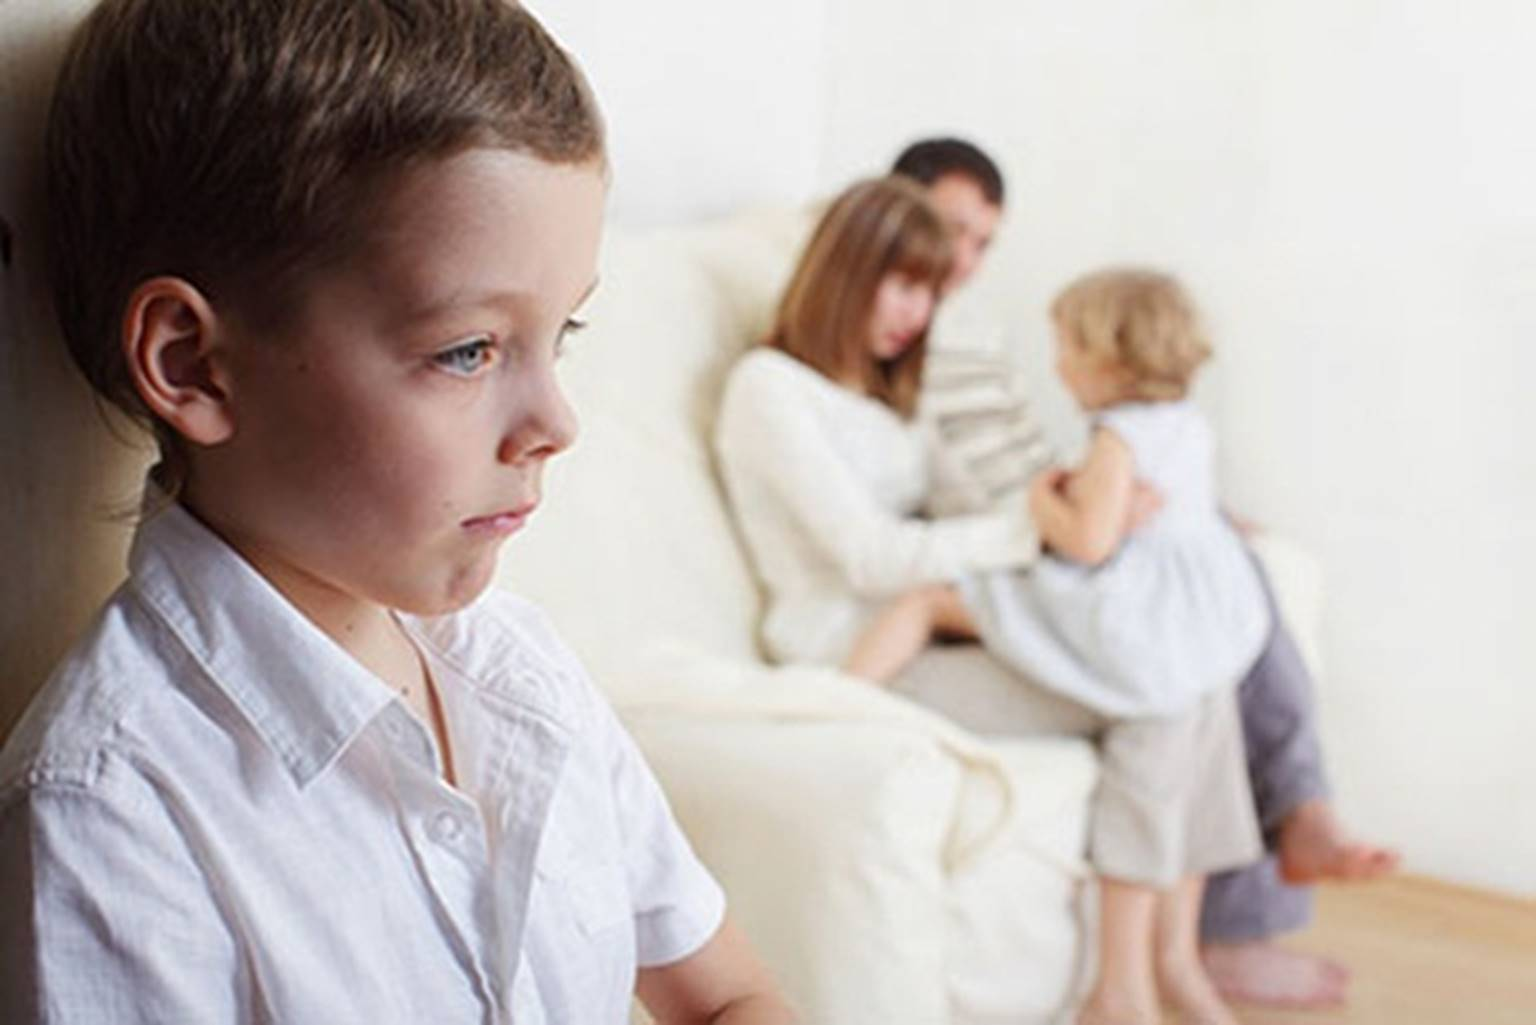 5 cách dạy con tưởng tốt nhưng sai bét khiến cha mẹ hối hận cả đời-2